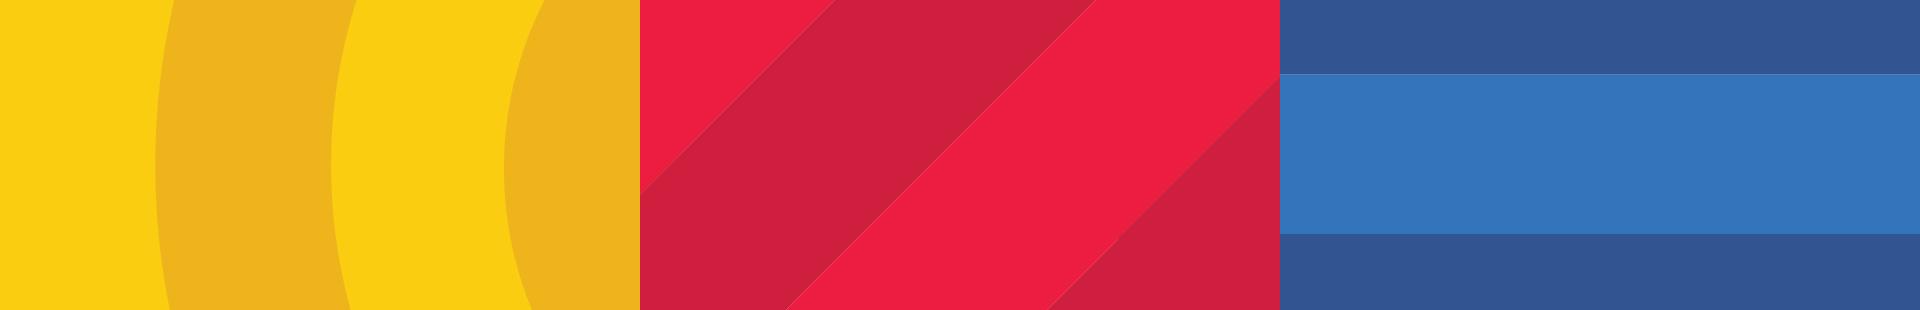 rhyl-strip